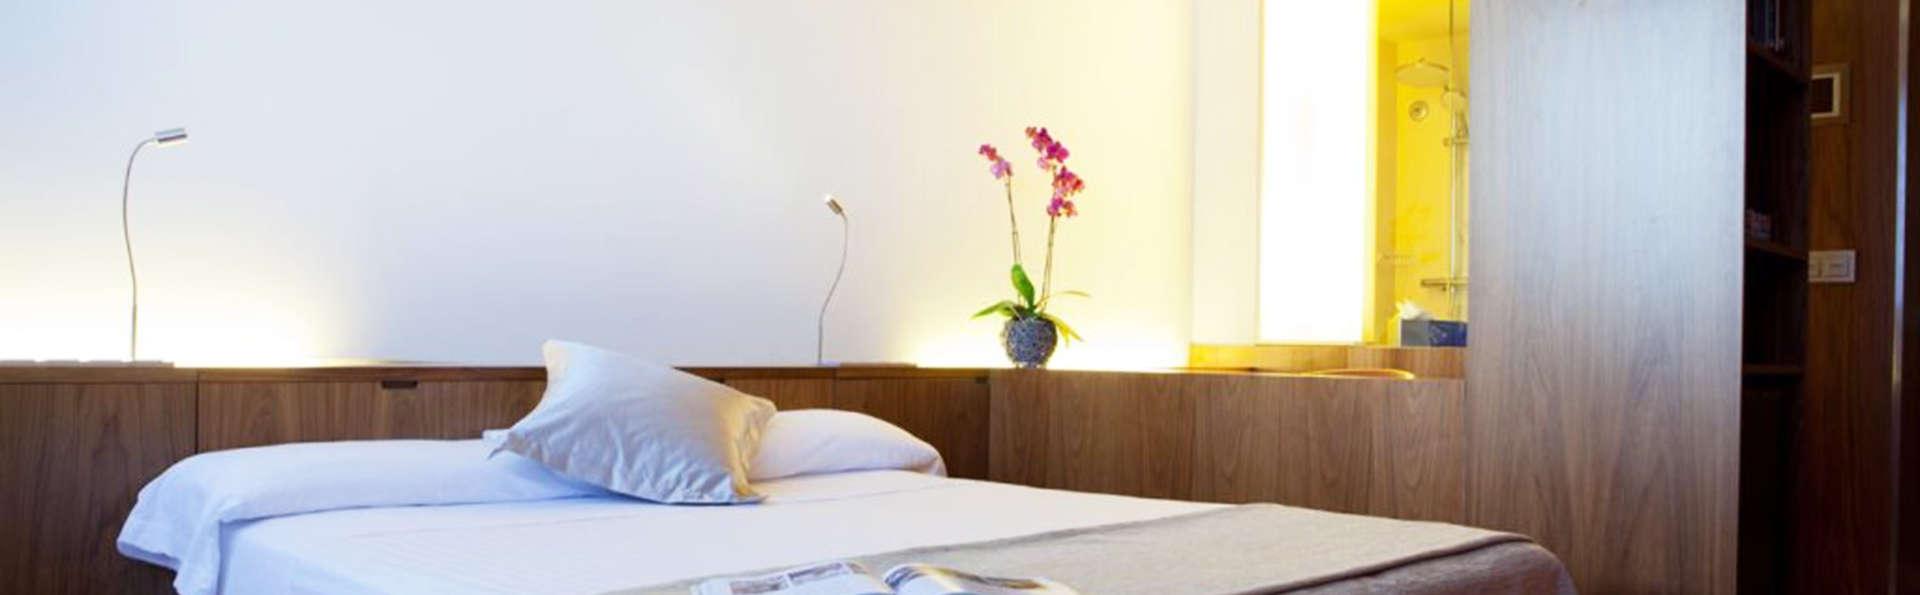 Escapada en Barcelona en un hotel frente al mar con late check out